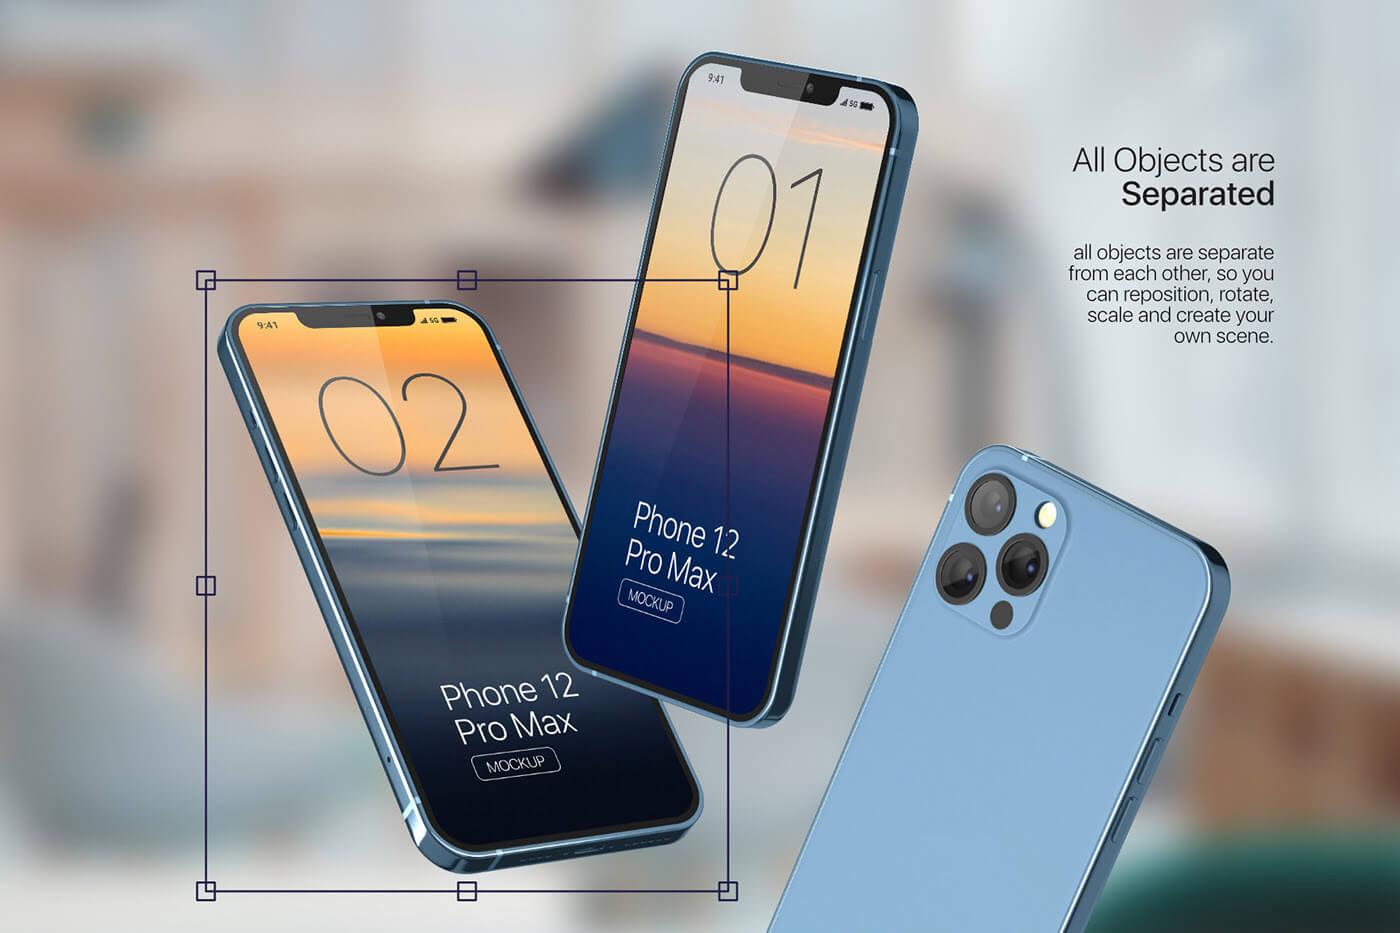 苹果手机12样机精致模版手机多角度展示模版素材iPhone 12 Pro Max Mockup V.01插图(2)